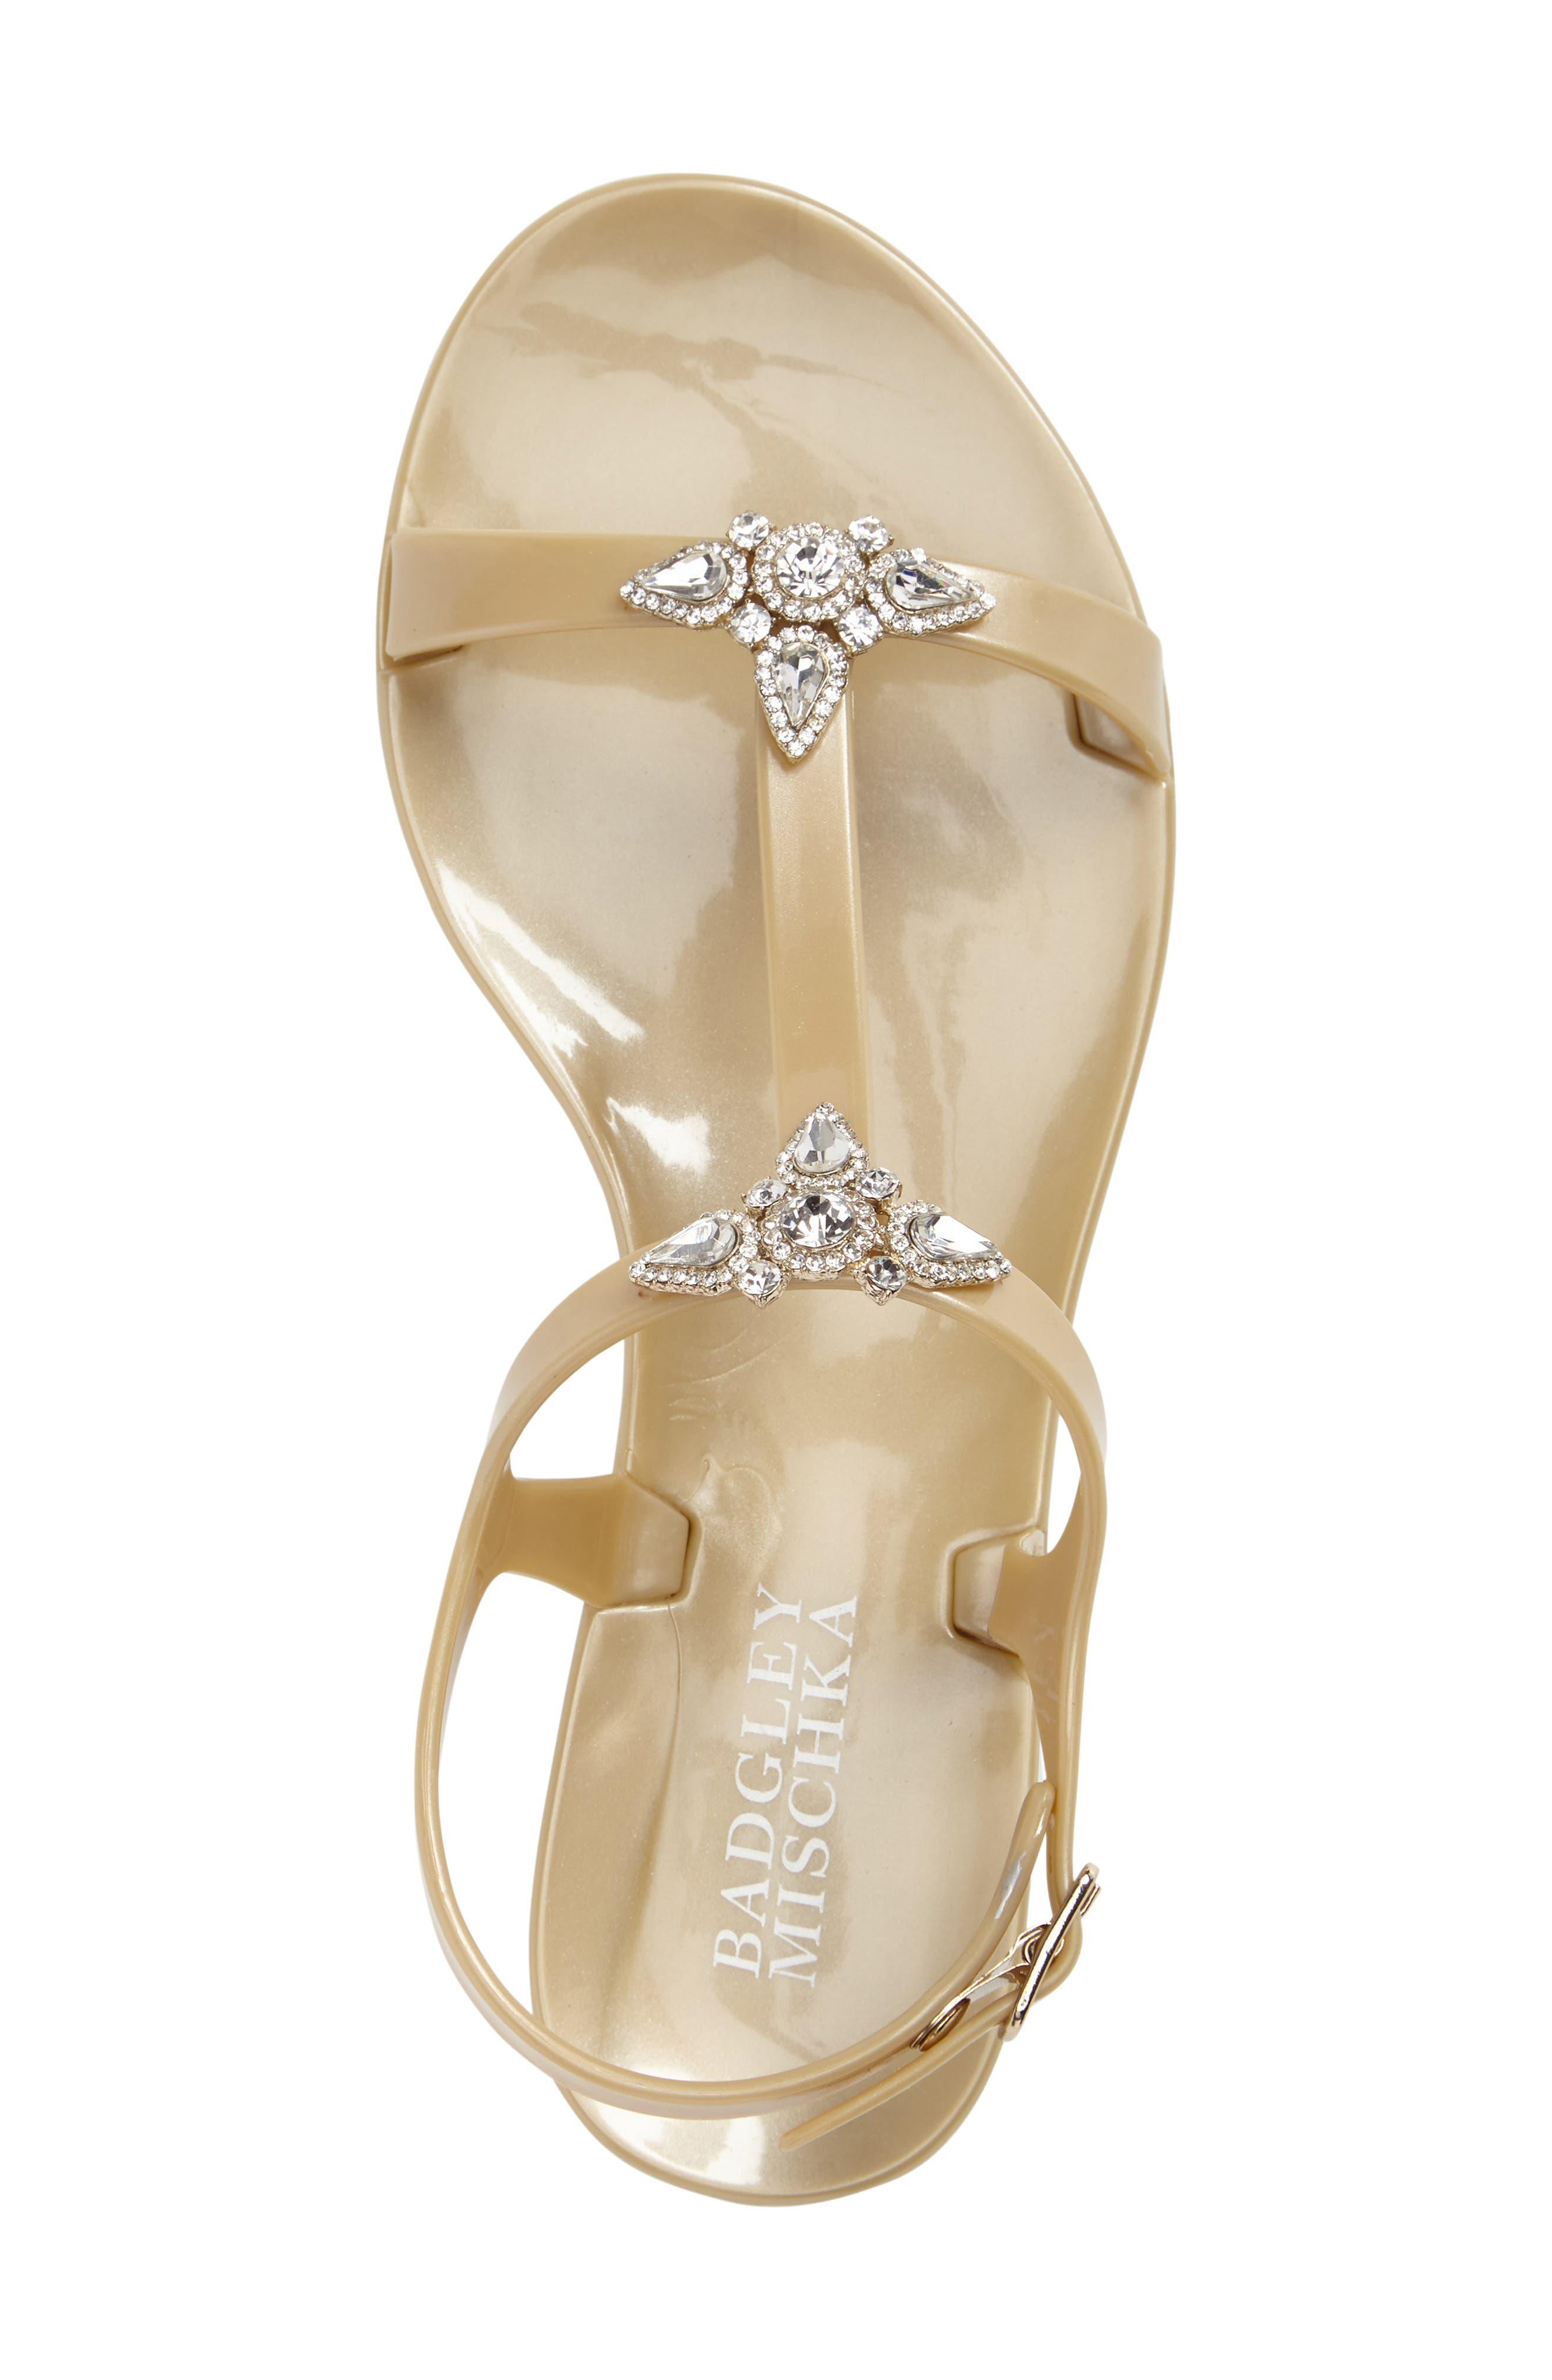 Alternate Image 3  - Badgley Mischka Belize Crystal Embellished Flat Sandal (Women)